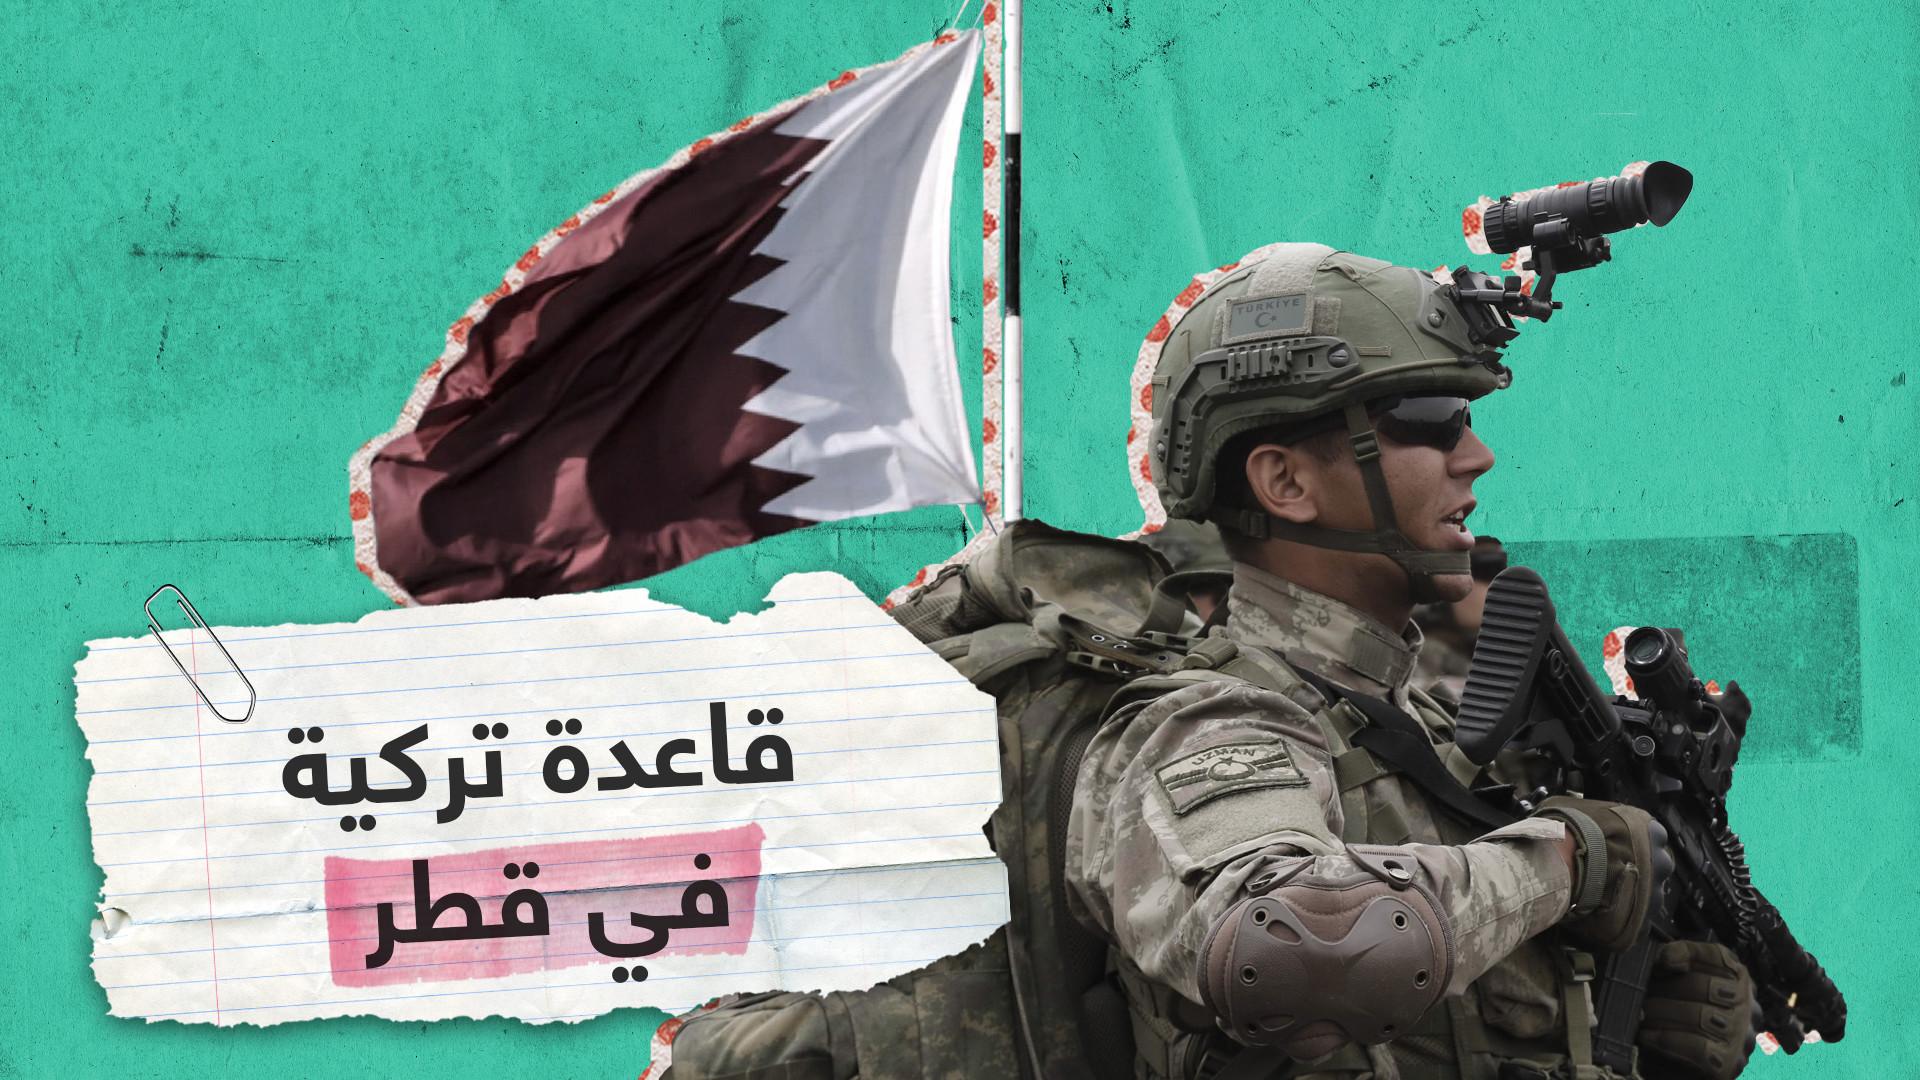 تركيا نحو إنشاء قاعدة عسكرية ثانية في الدوحة